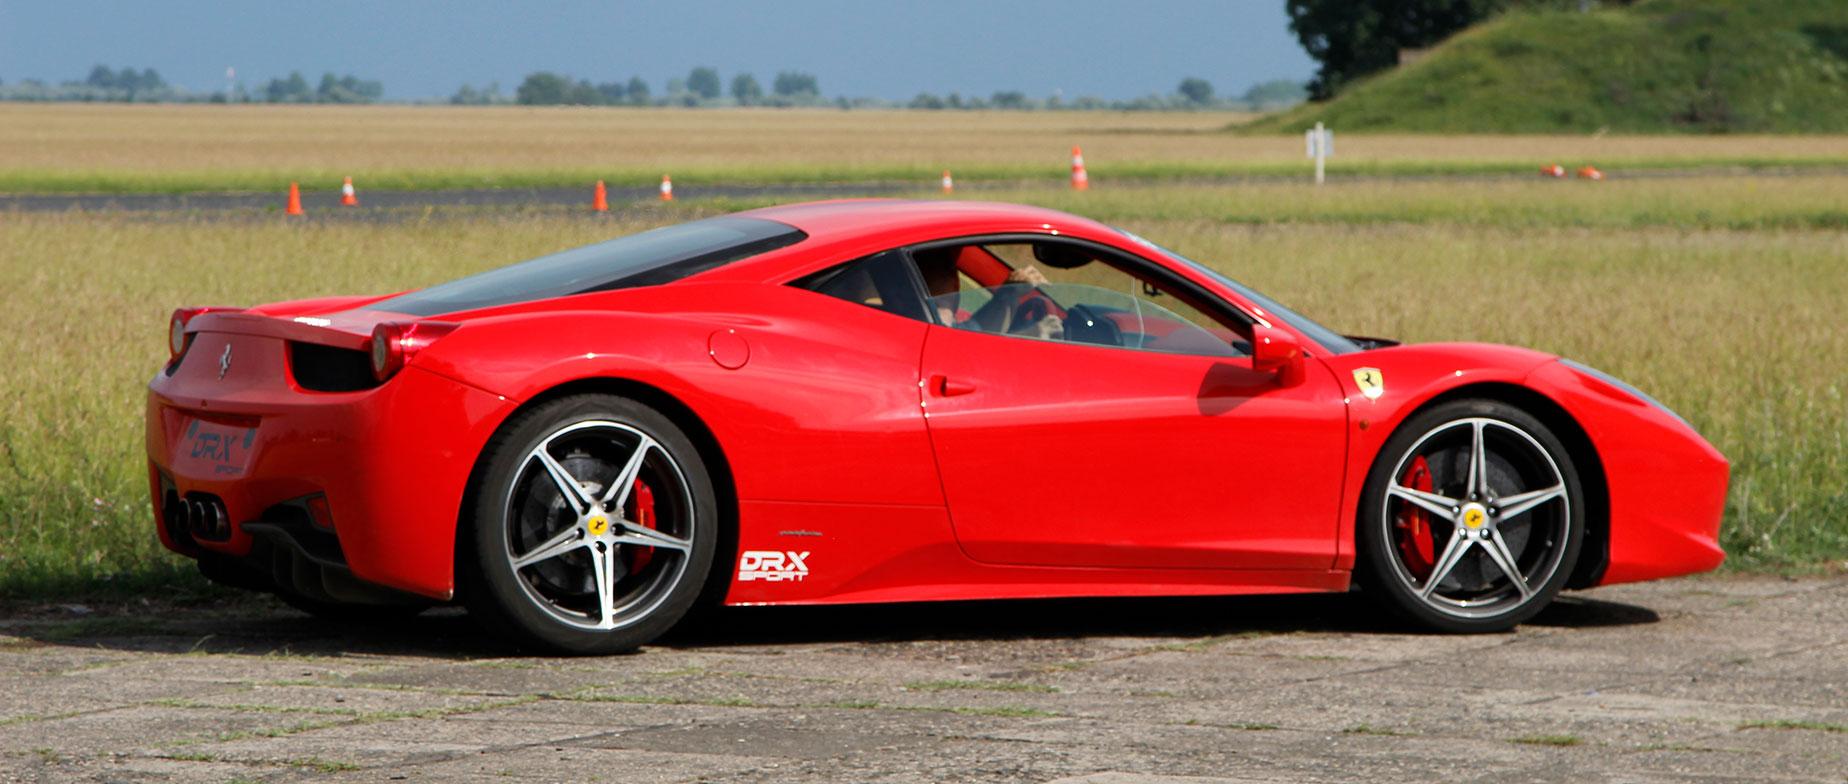 Ferrari 458 Italia élményautózás DRX ringen